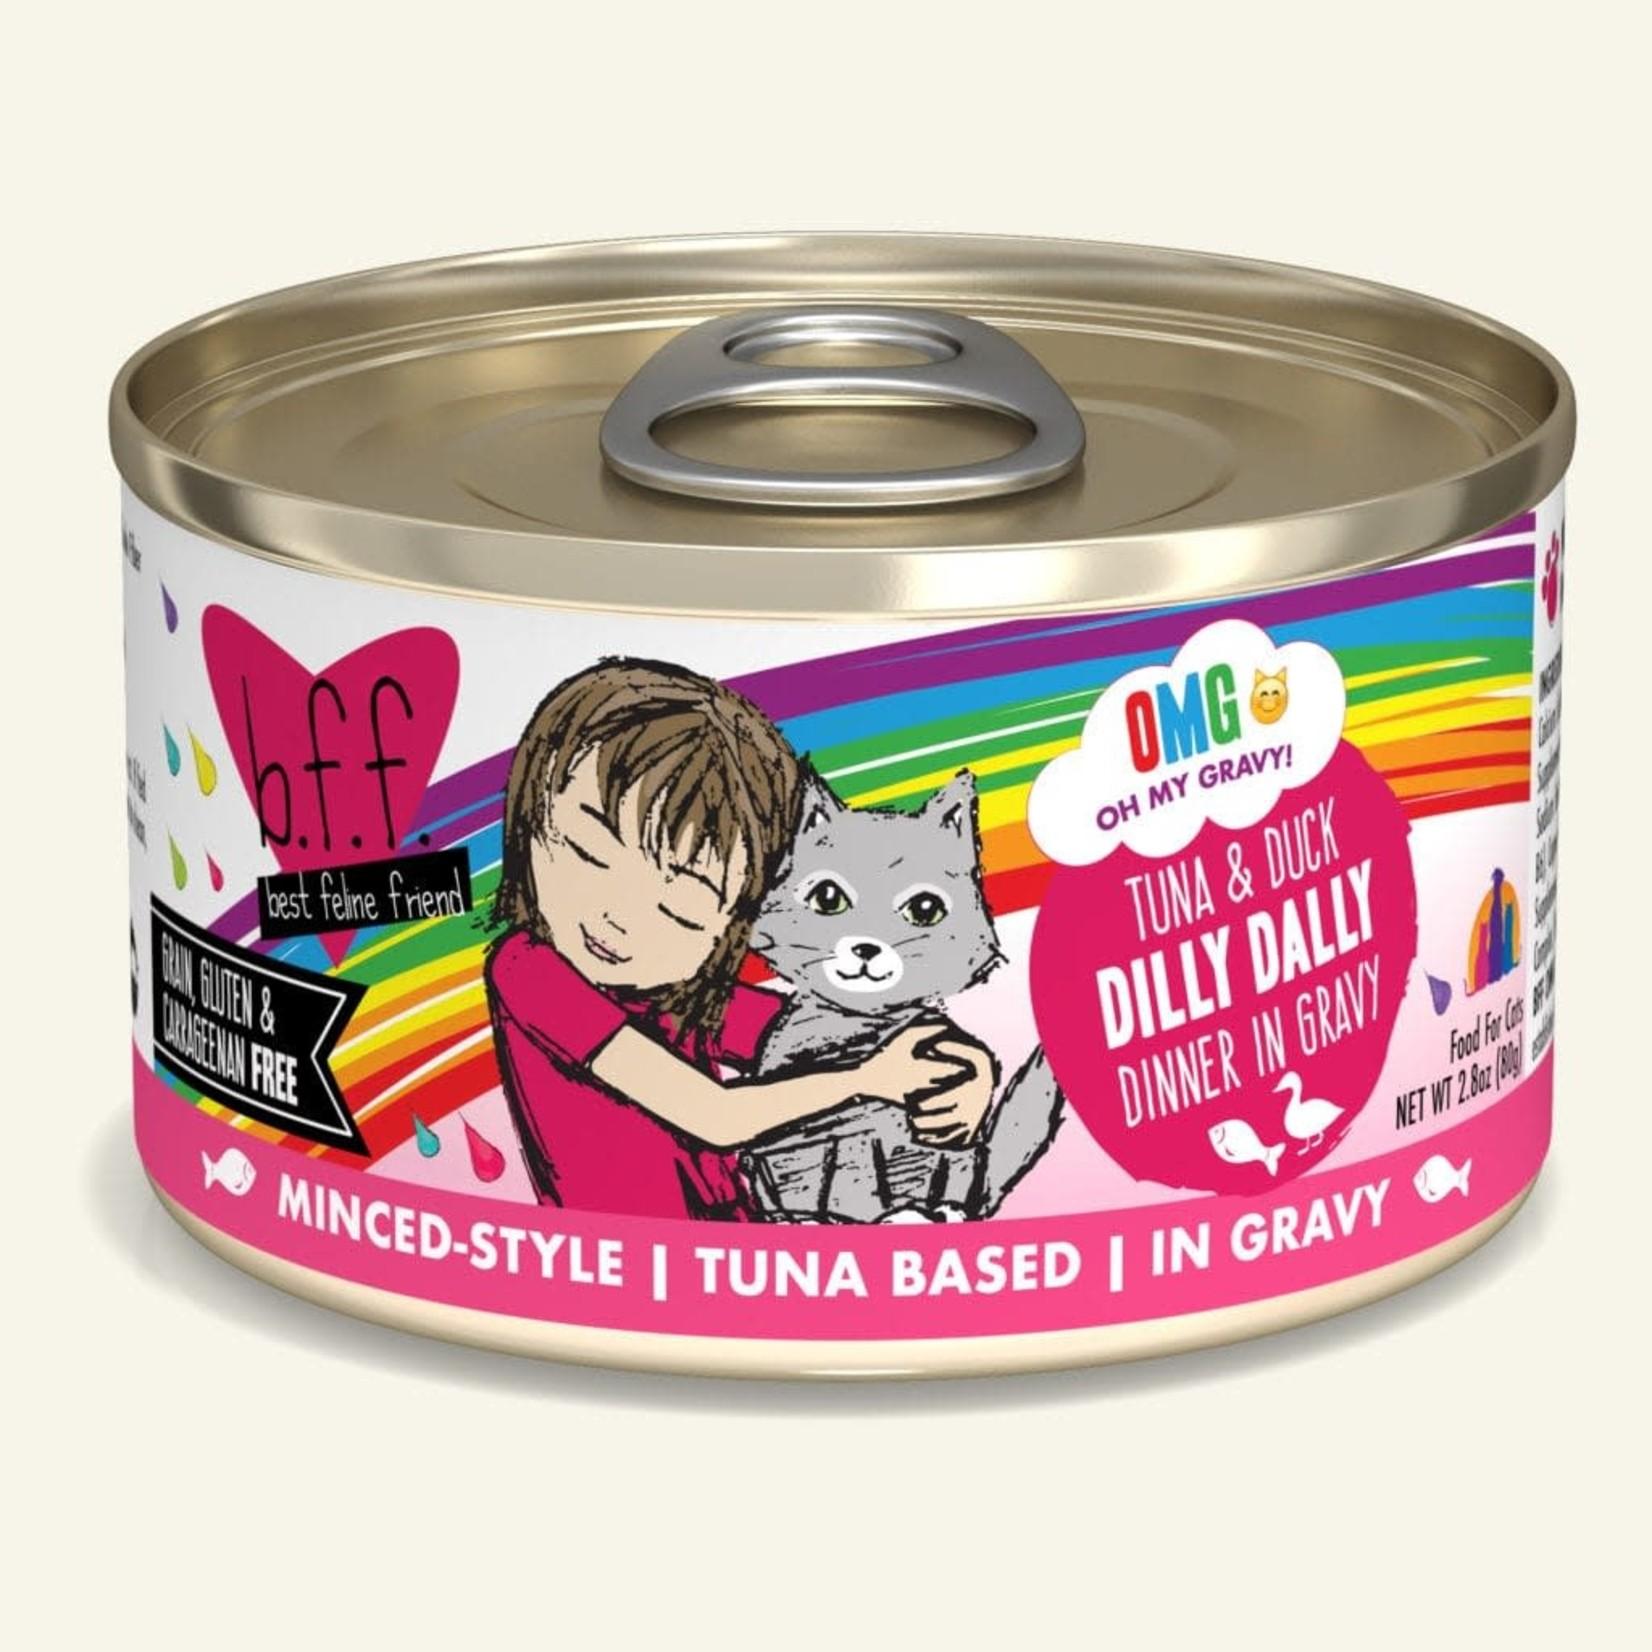 Weruva Inc. BFF OMG Cat Tuna & Duck Dilly Dally 2.8 OZ